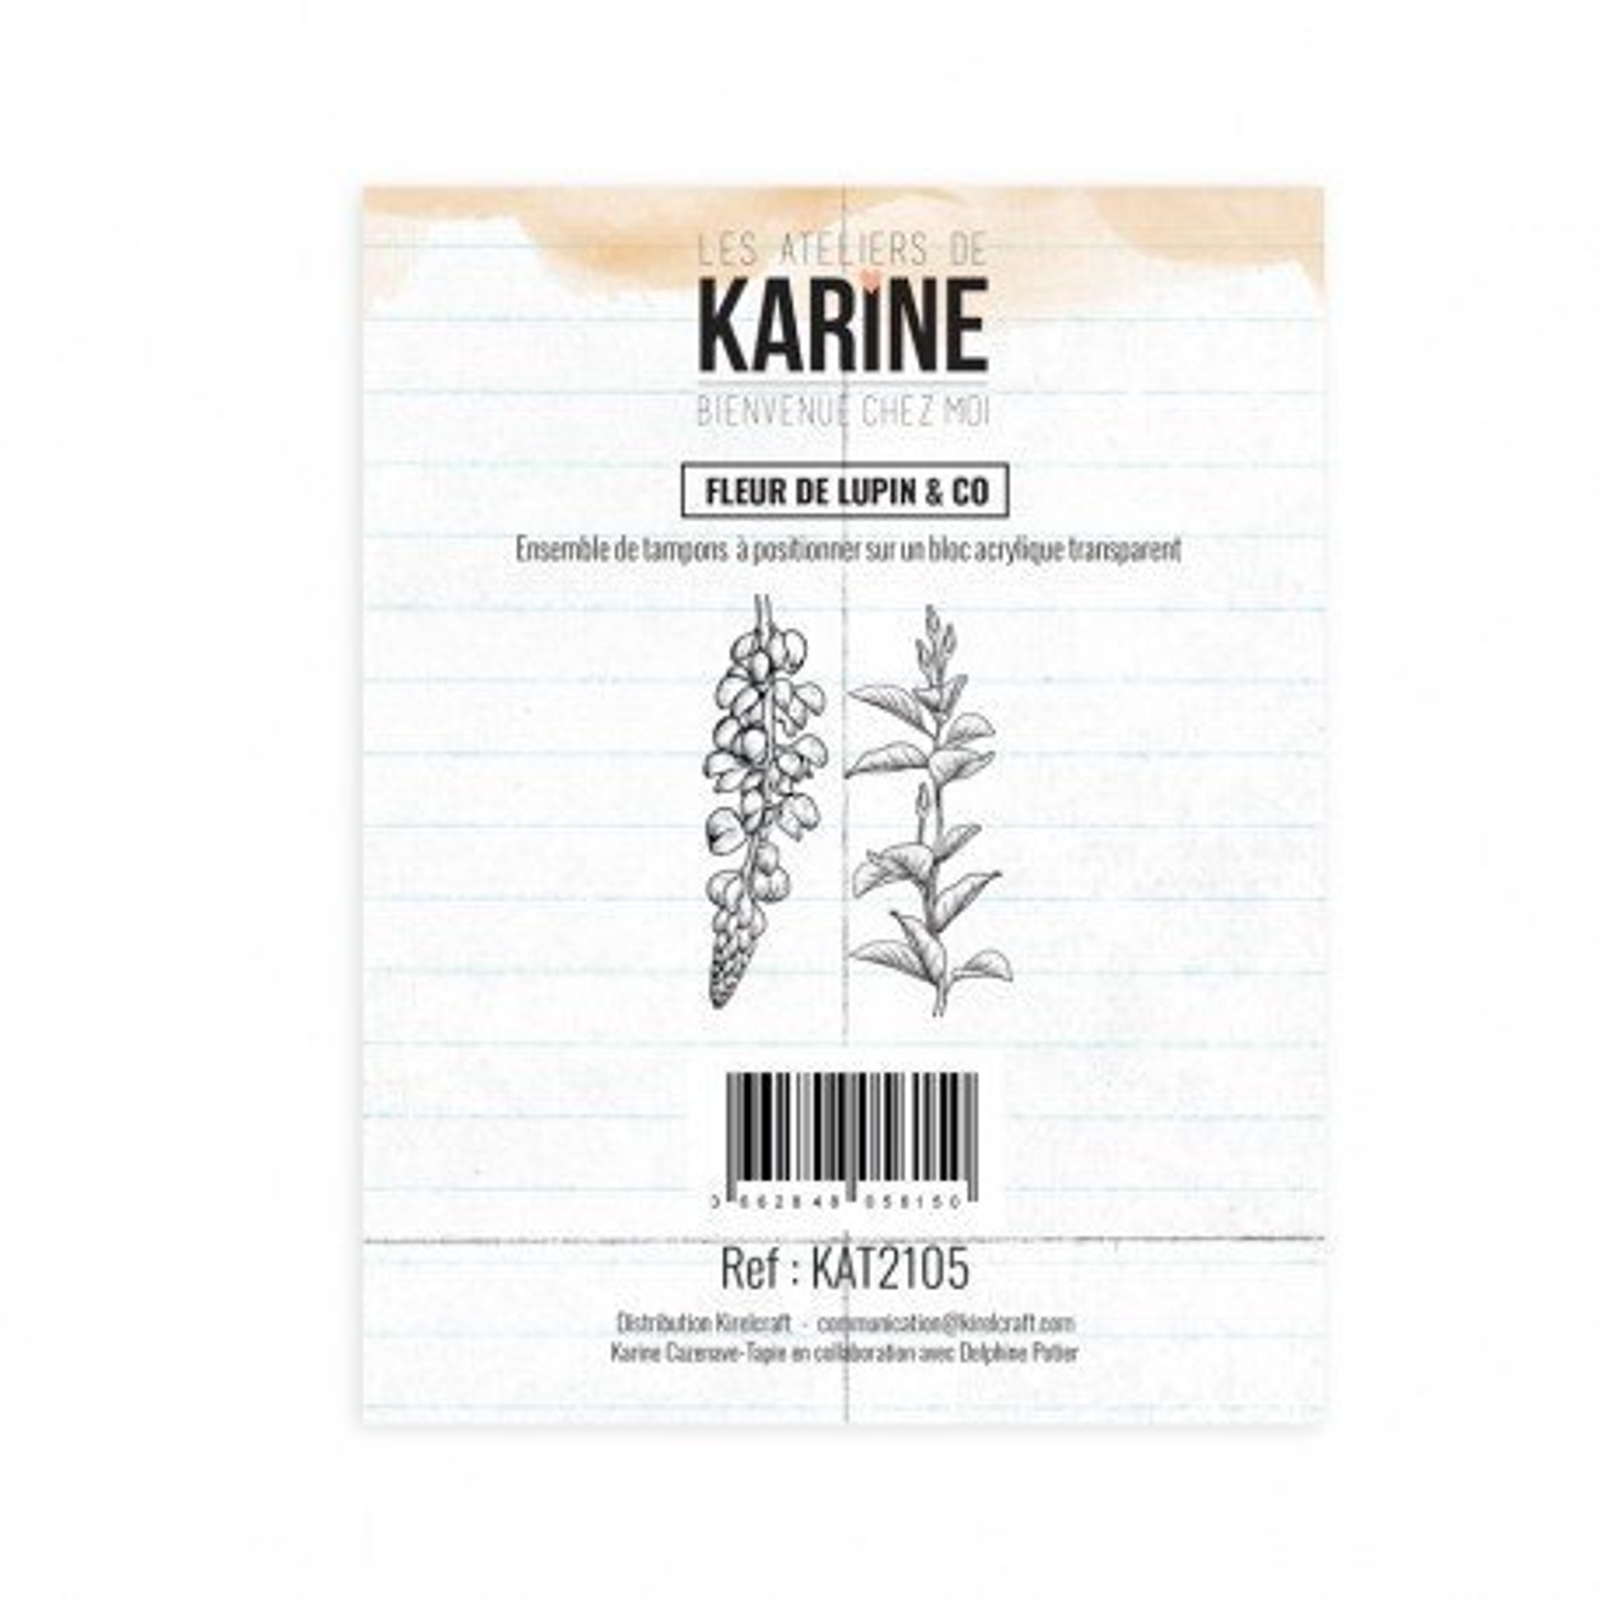 Tampon clear - Fleur de lupin & Co - Bienvenue chez moi - Les ateliers de Karine